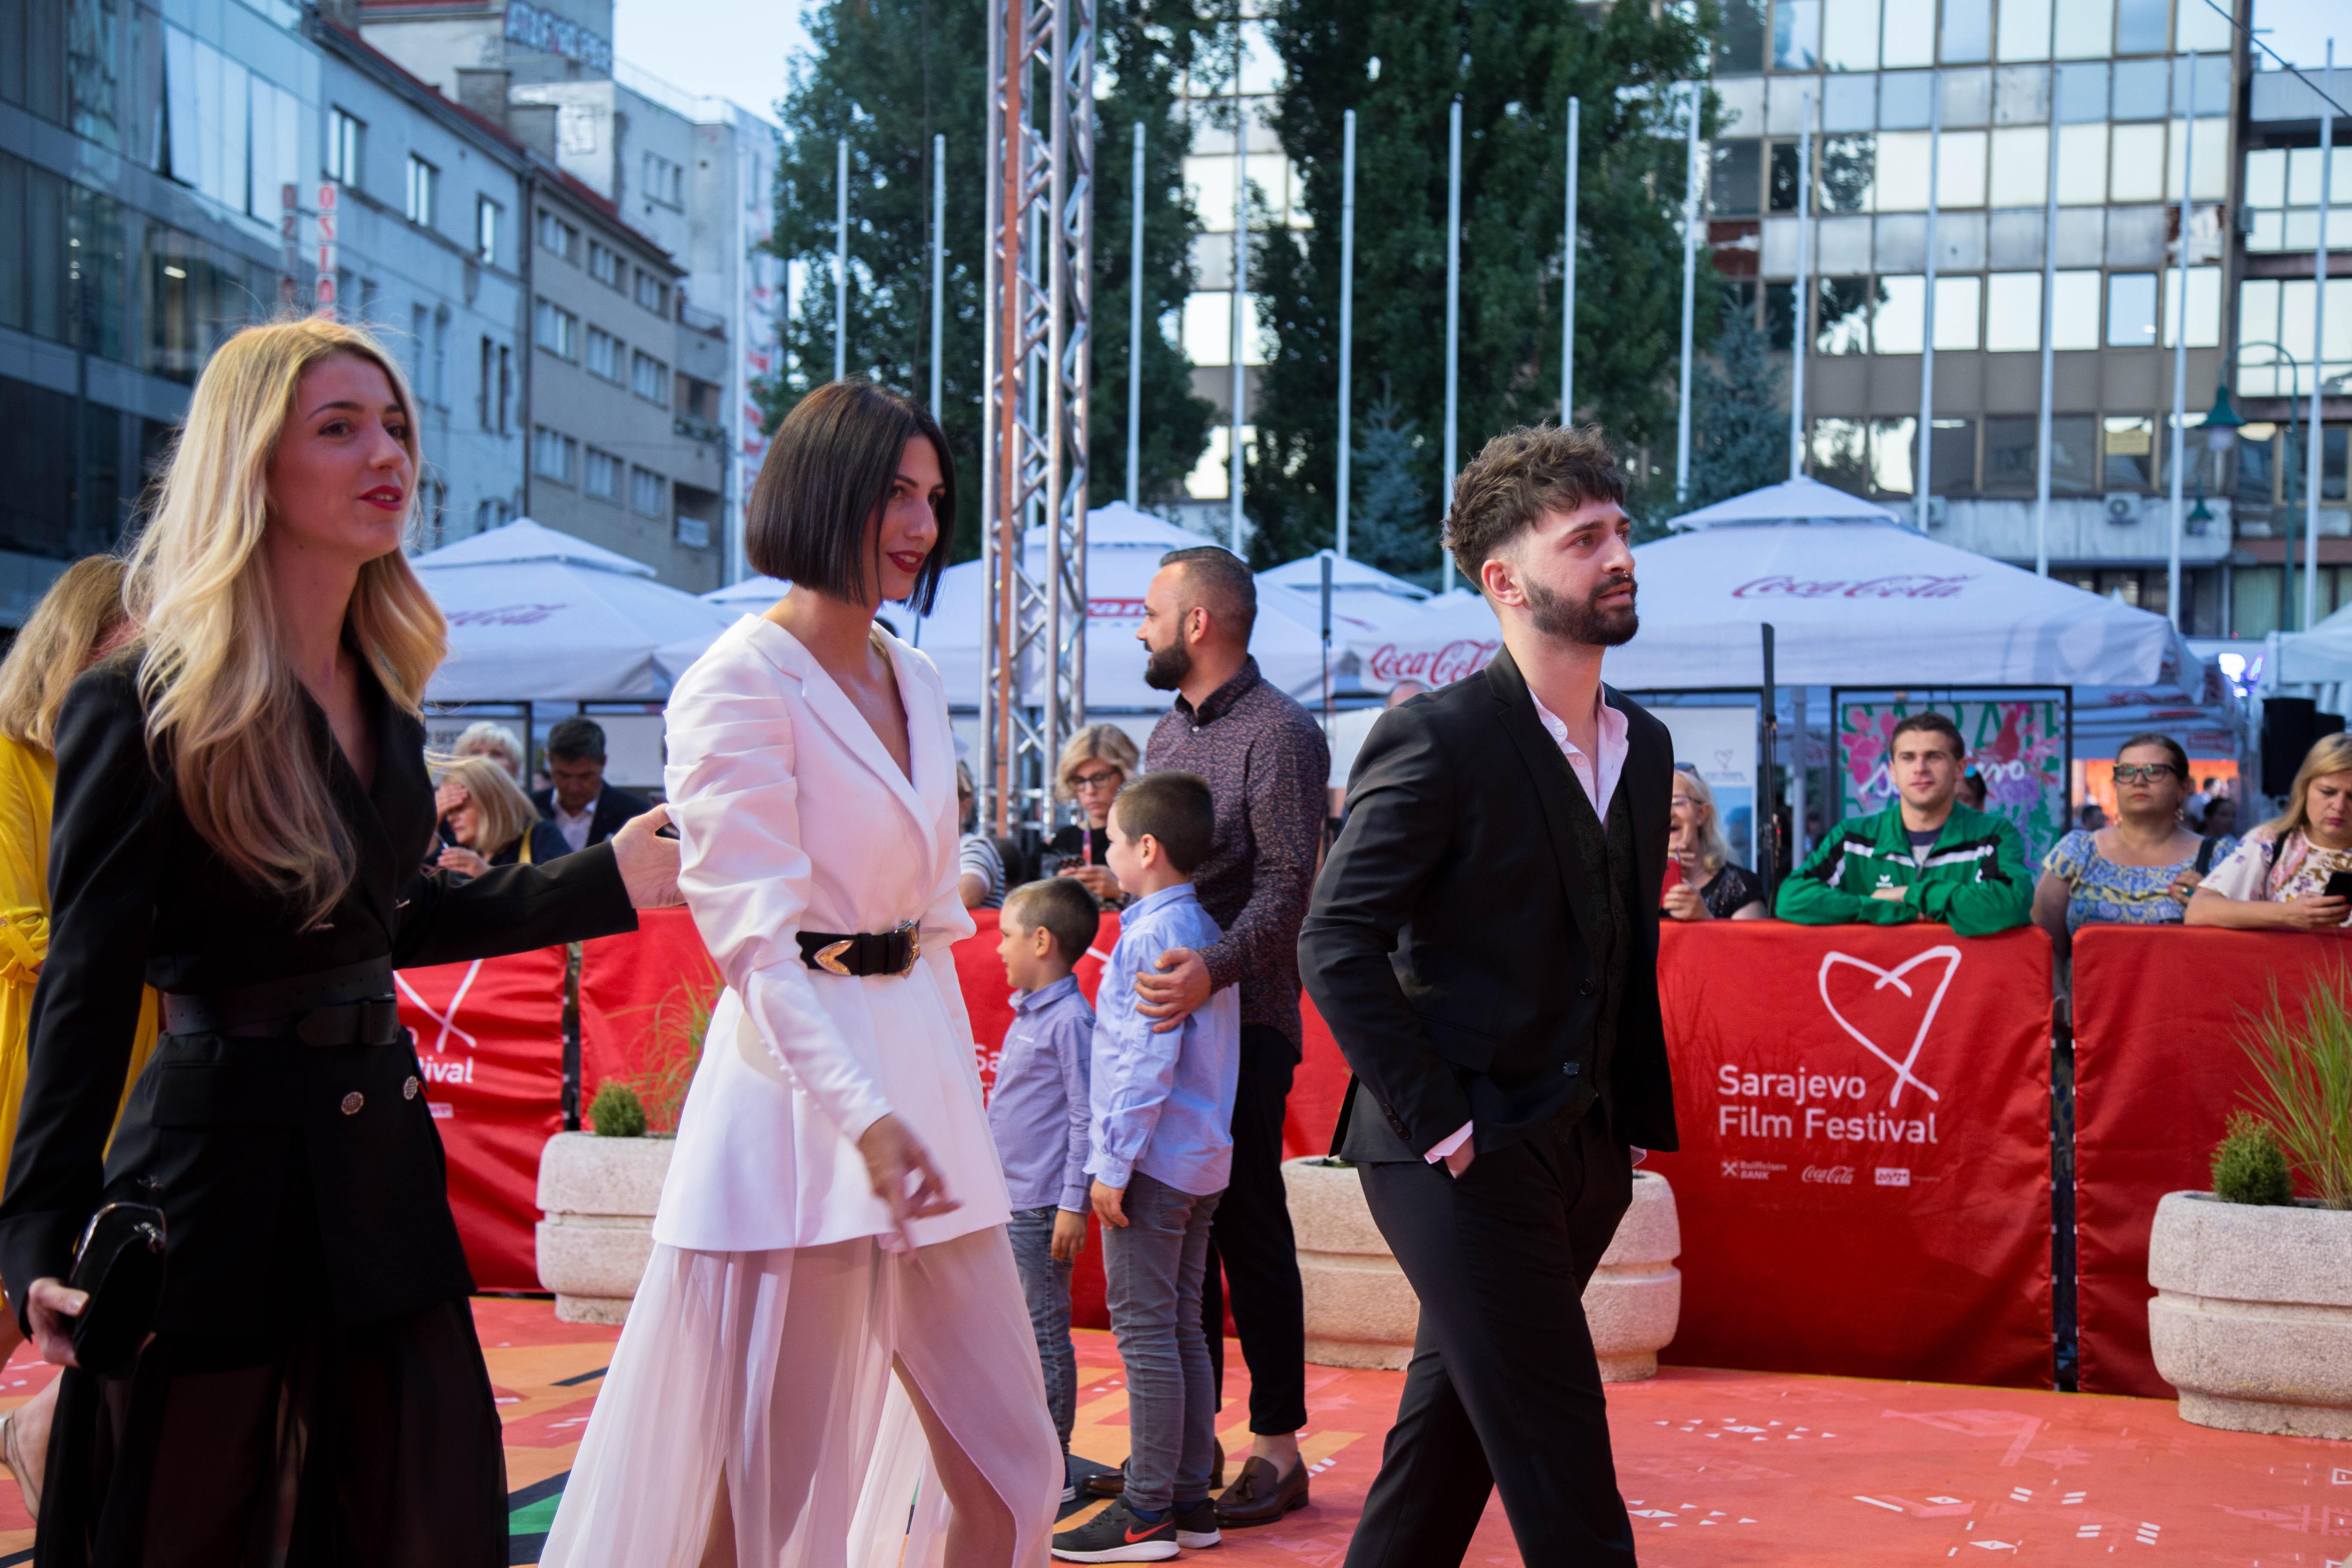 cetvrta noc sarajevo film festival senka catic (15)